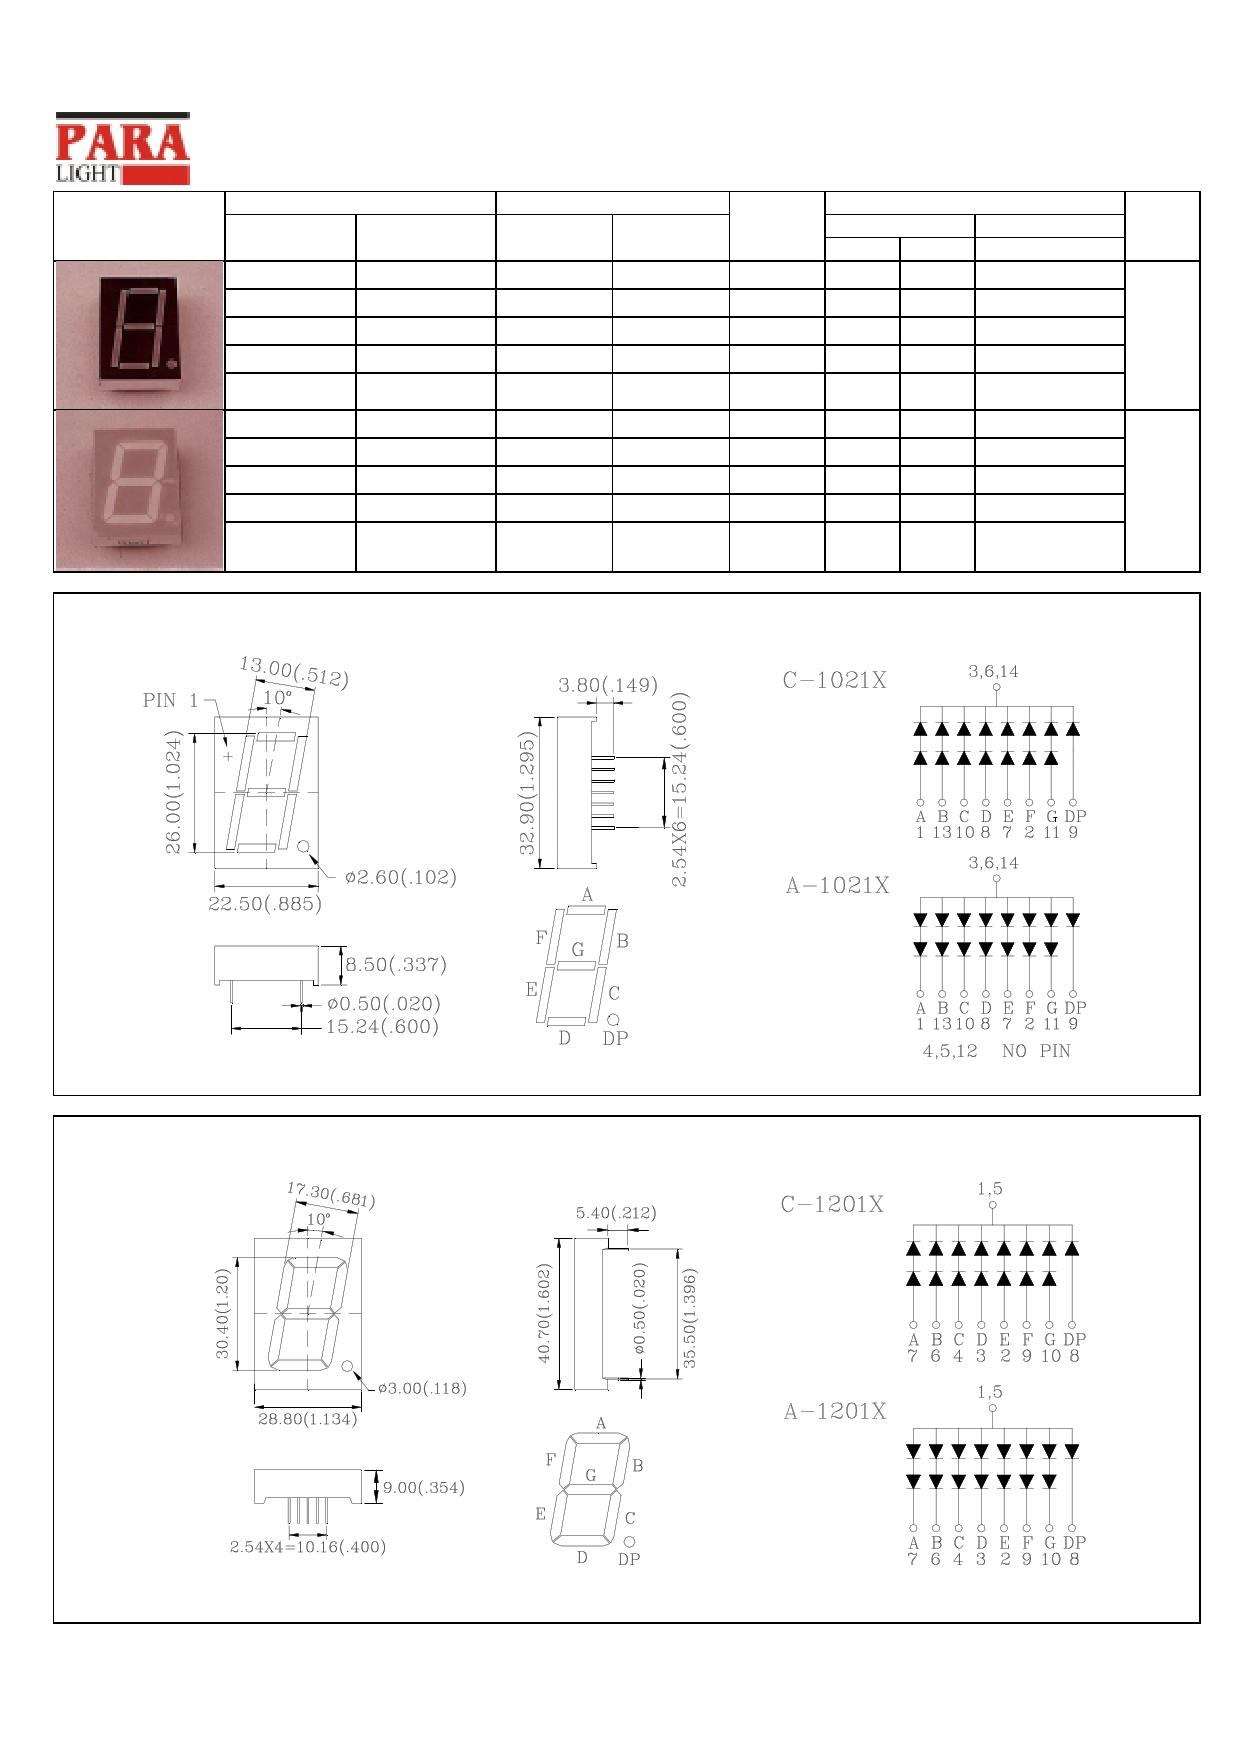 C-1021Y datasheet